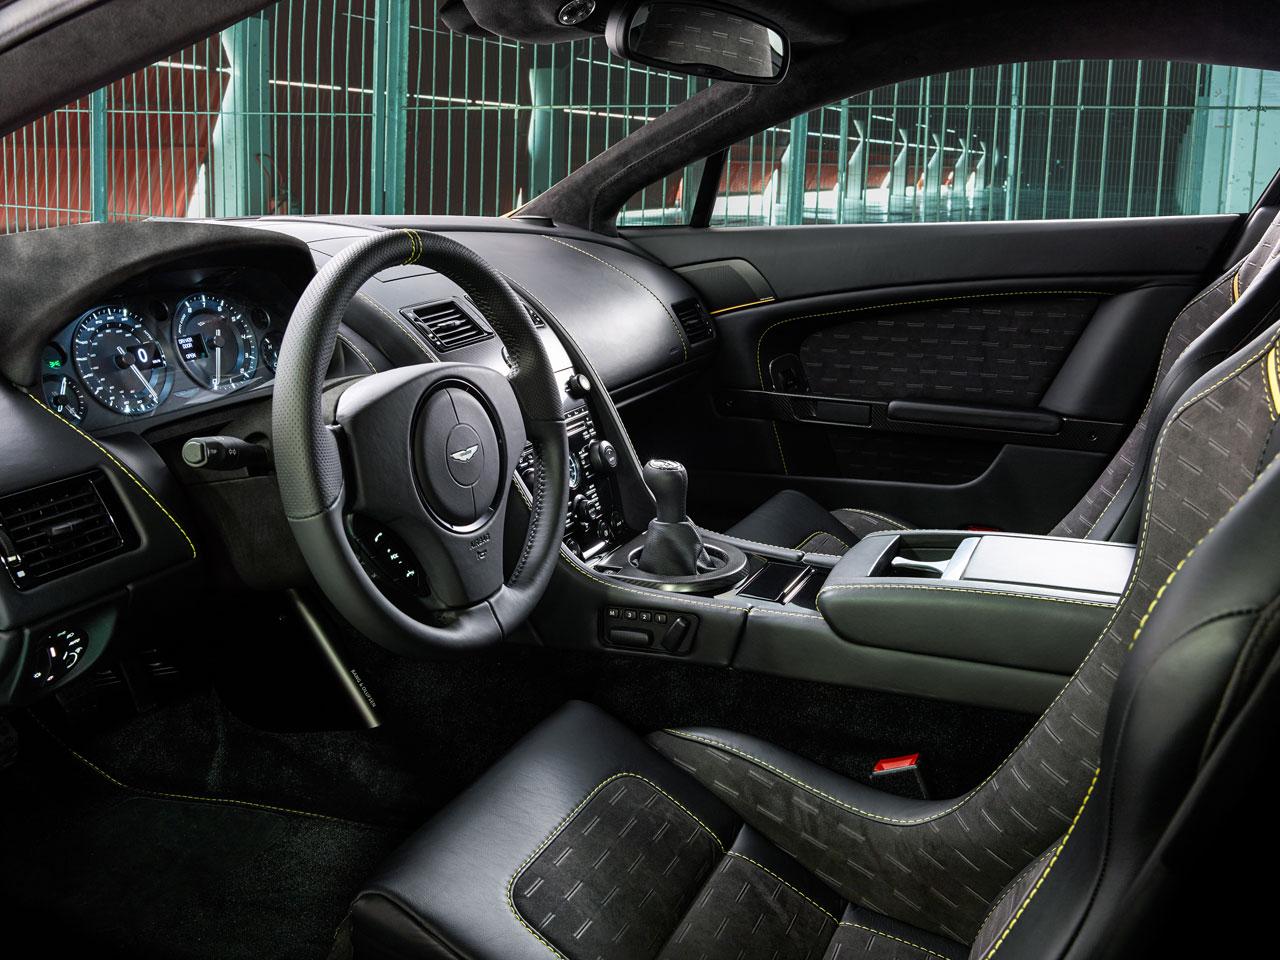 Aston Martin V8 Vantage N430 interior